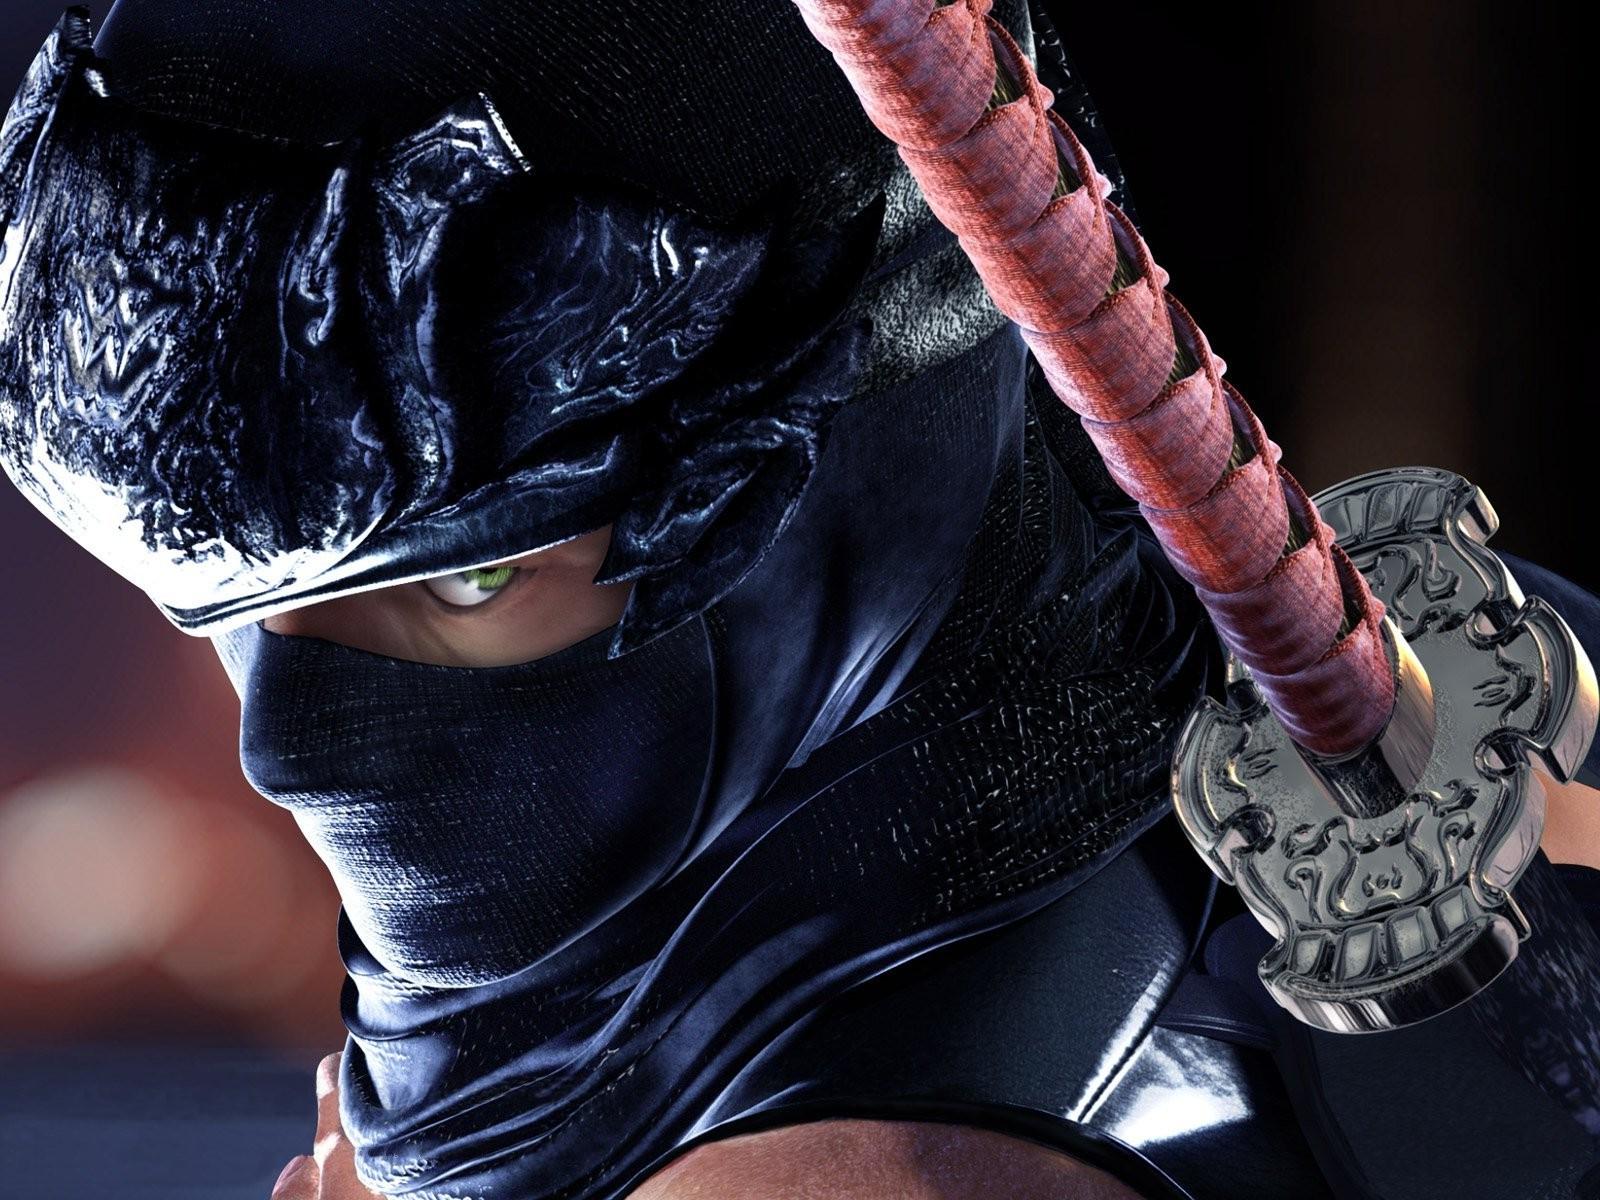 Wallpaper Hitam Video Game Model Ninja Mode Pakaian